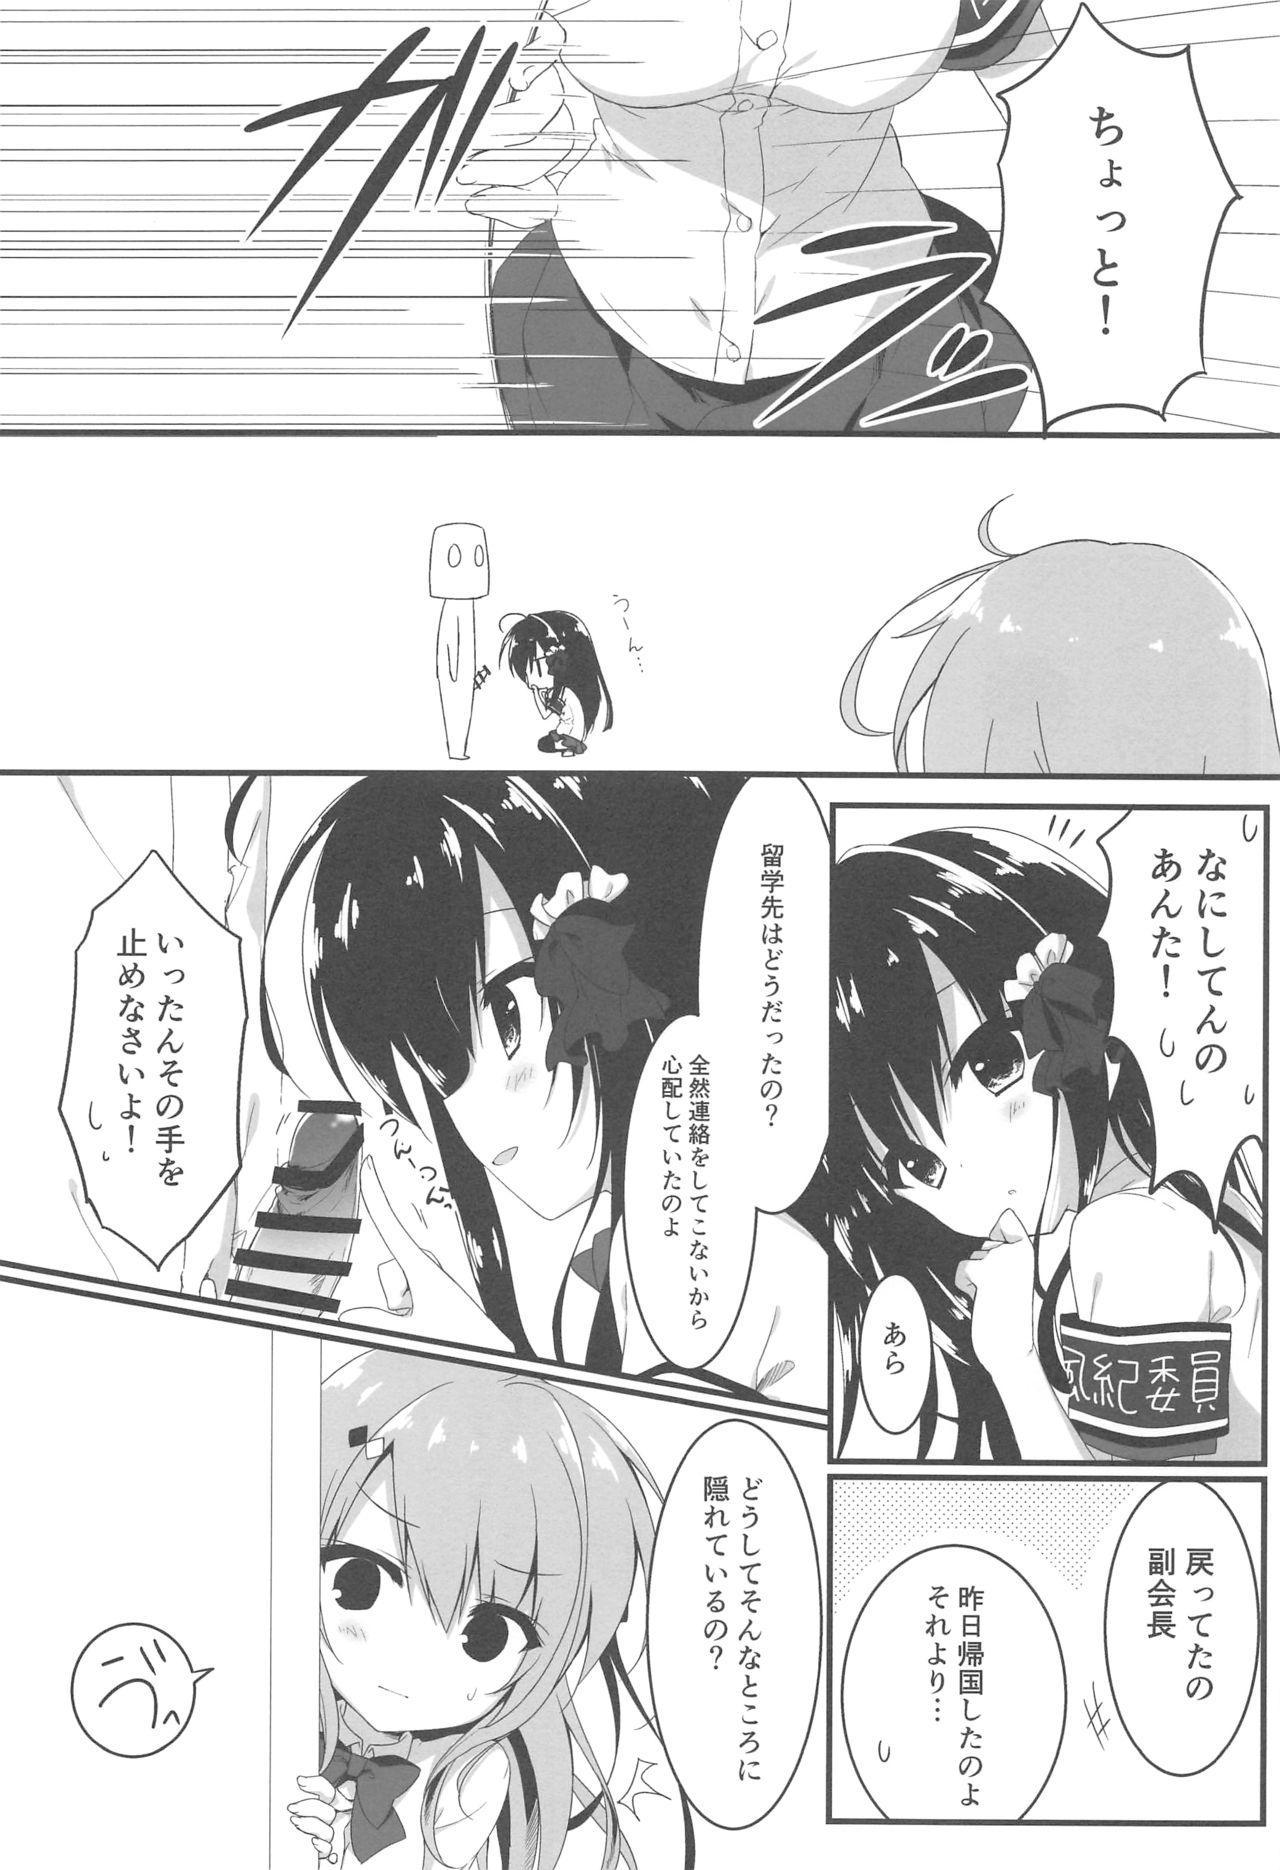 Oyobi desu ka Fukukaichou! 4